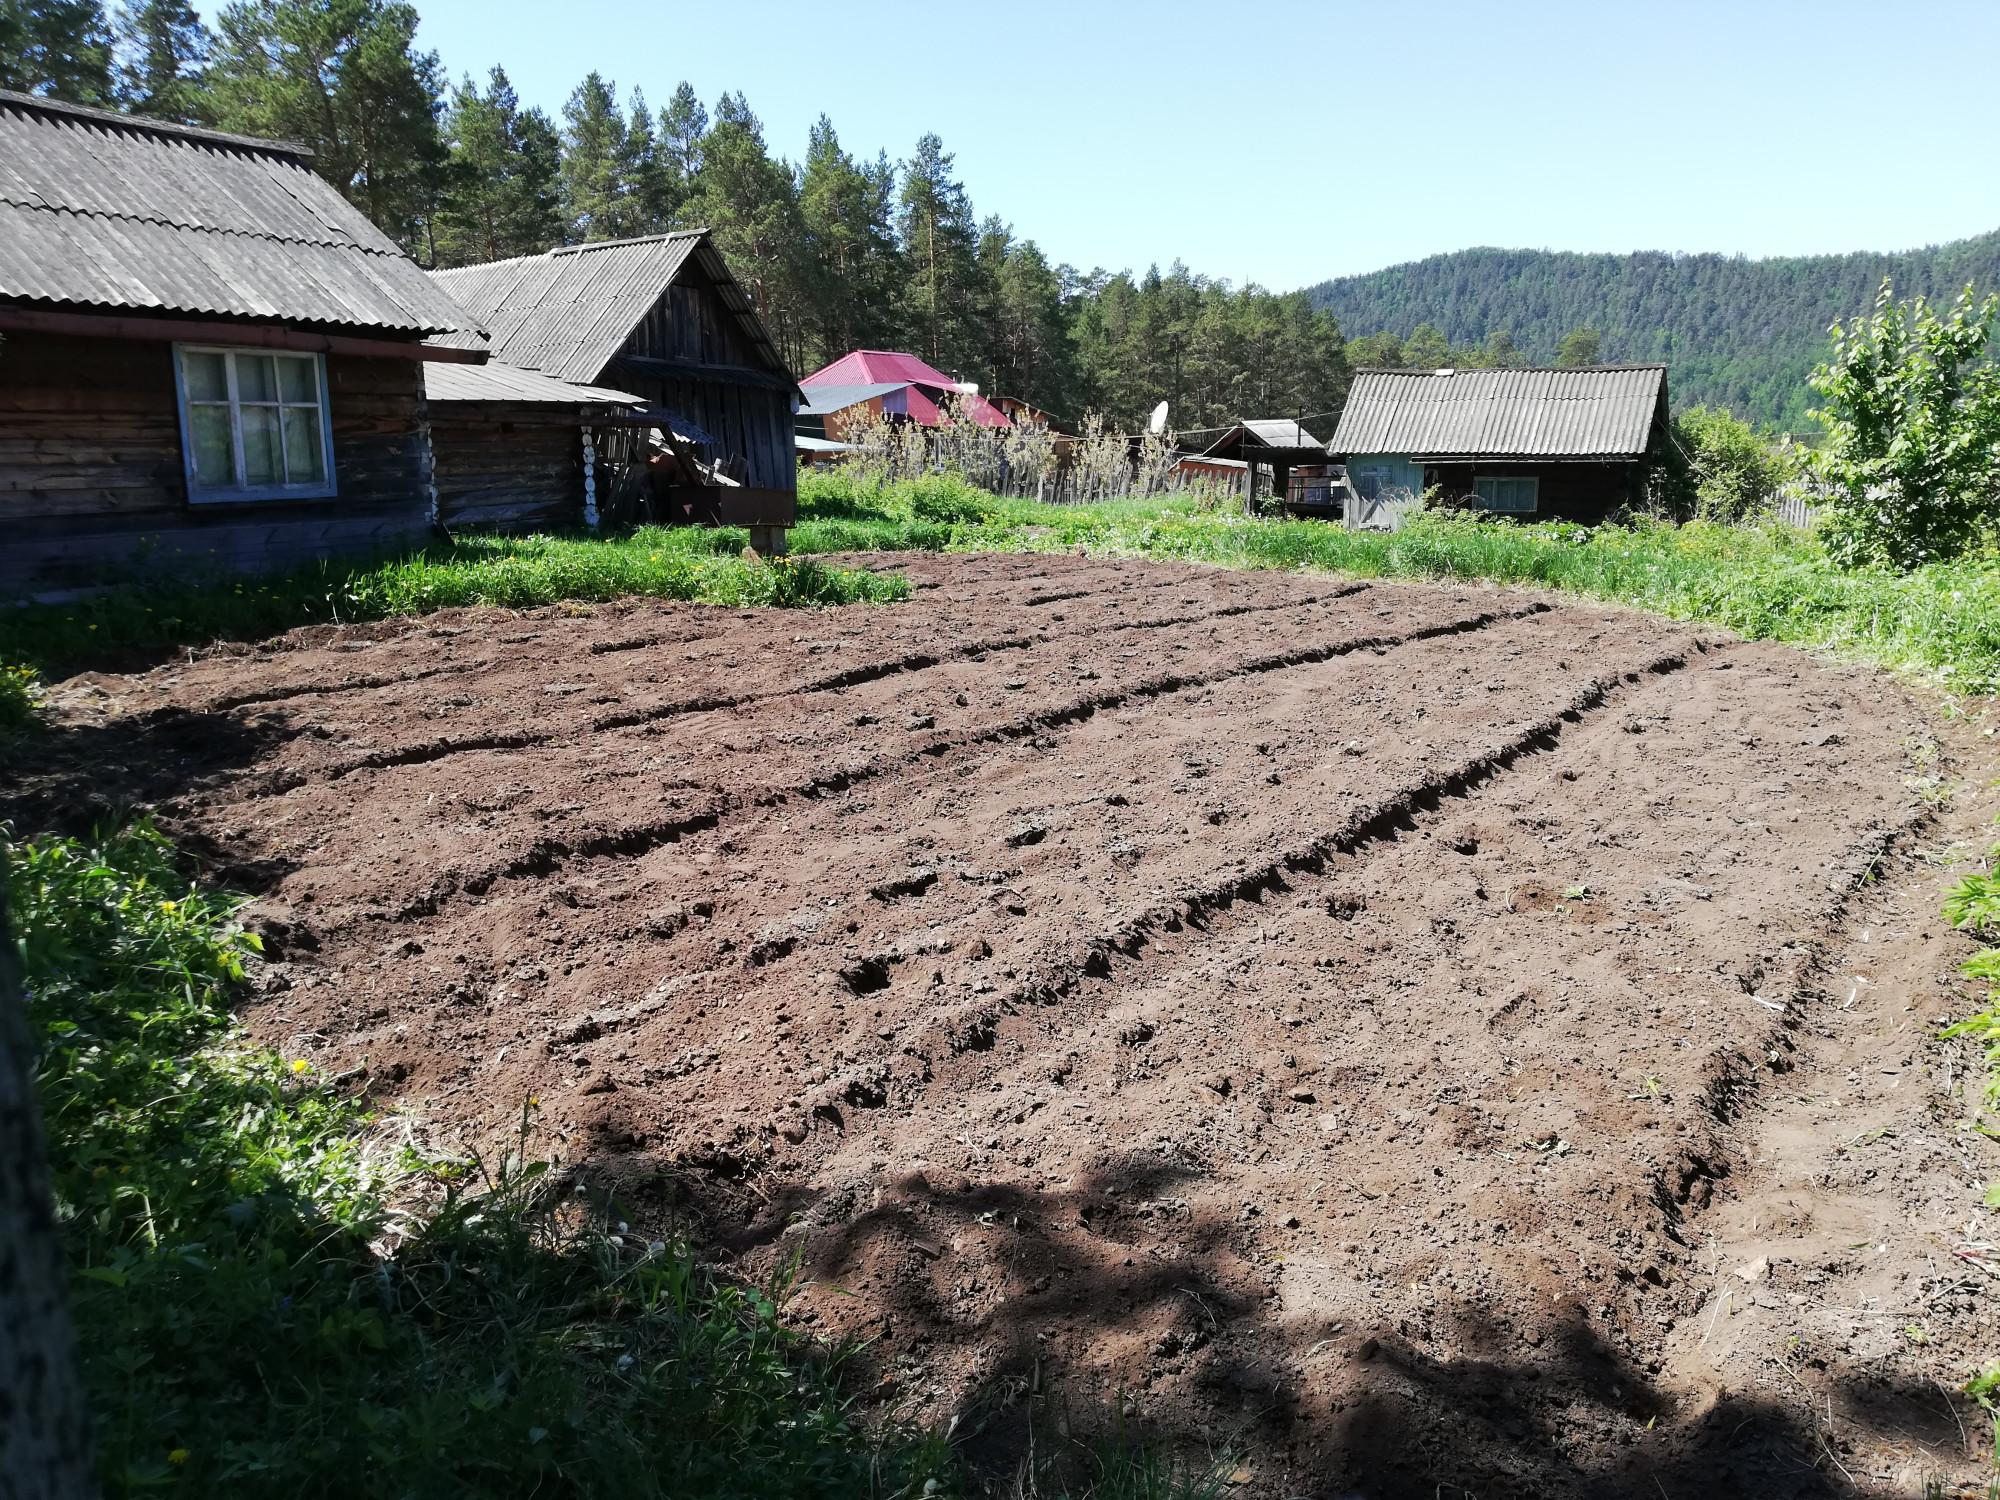 А мы с утра посадили картошку в дедушкином огороде, а потом я пилил полочку